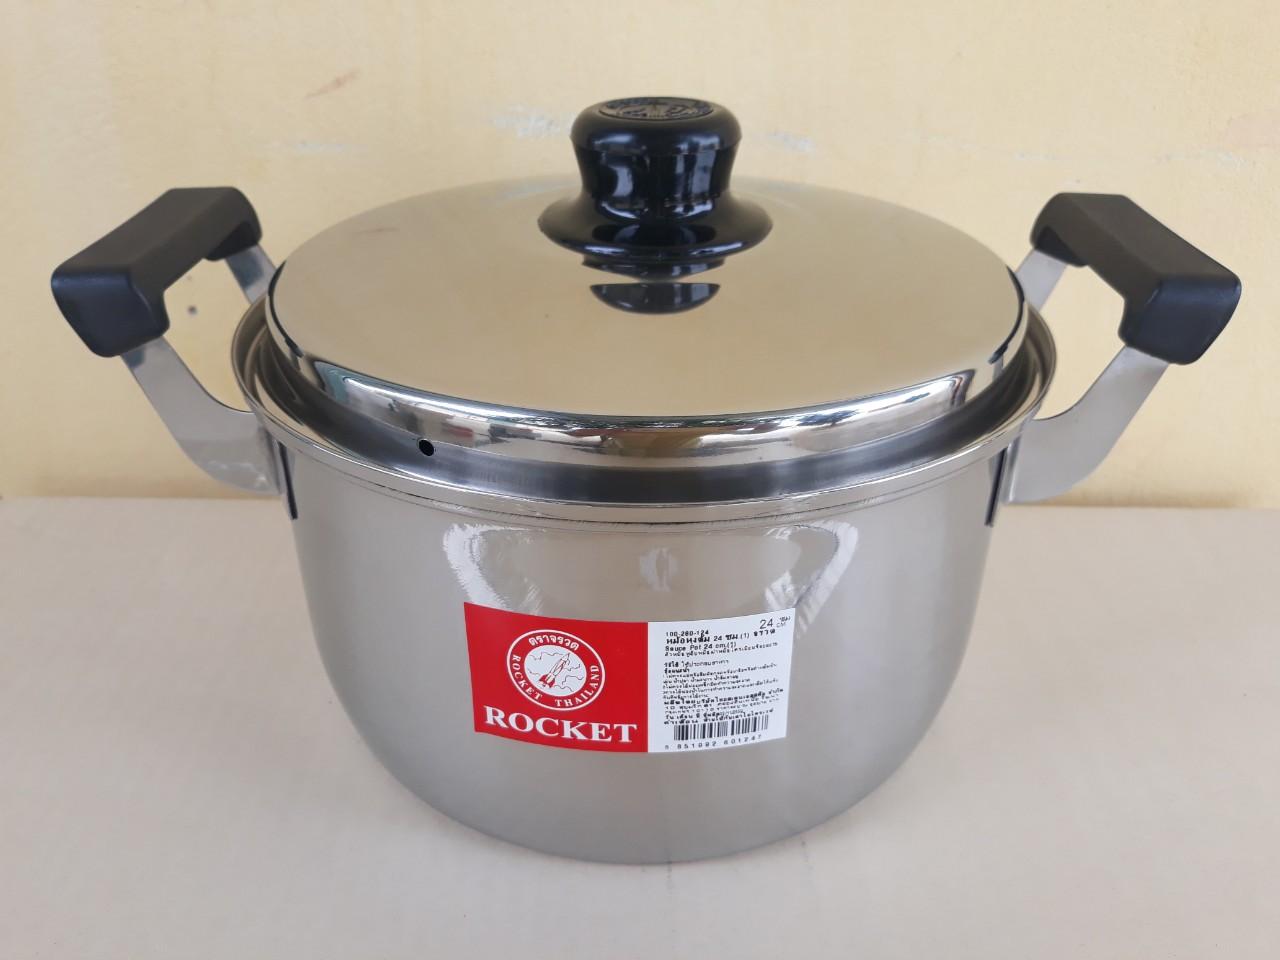 Nồi nấu canh Rocket 24cm - 4.9 lít - dùng được cho bếp từ 100260124